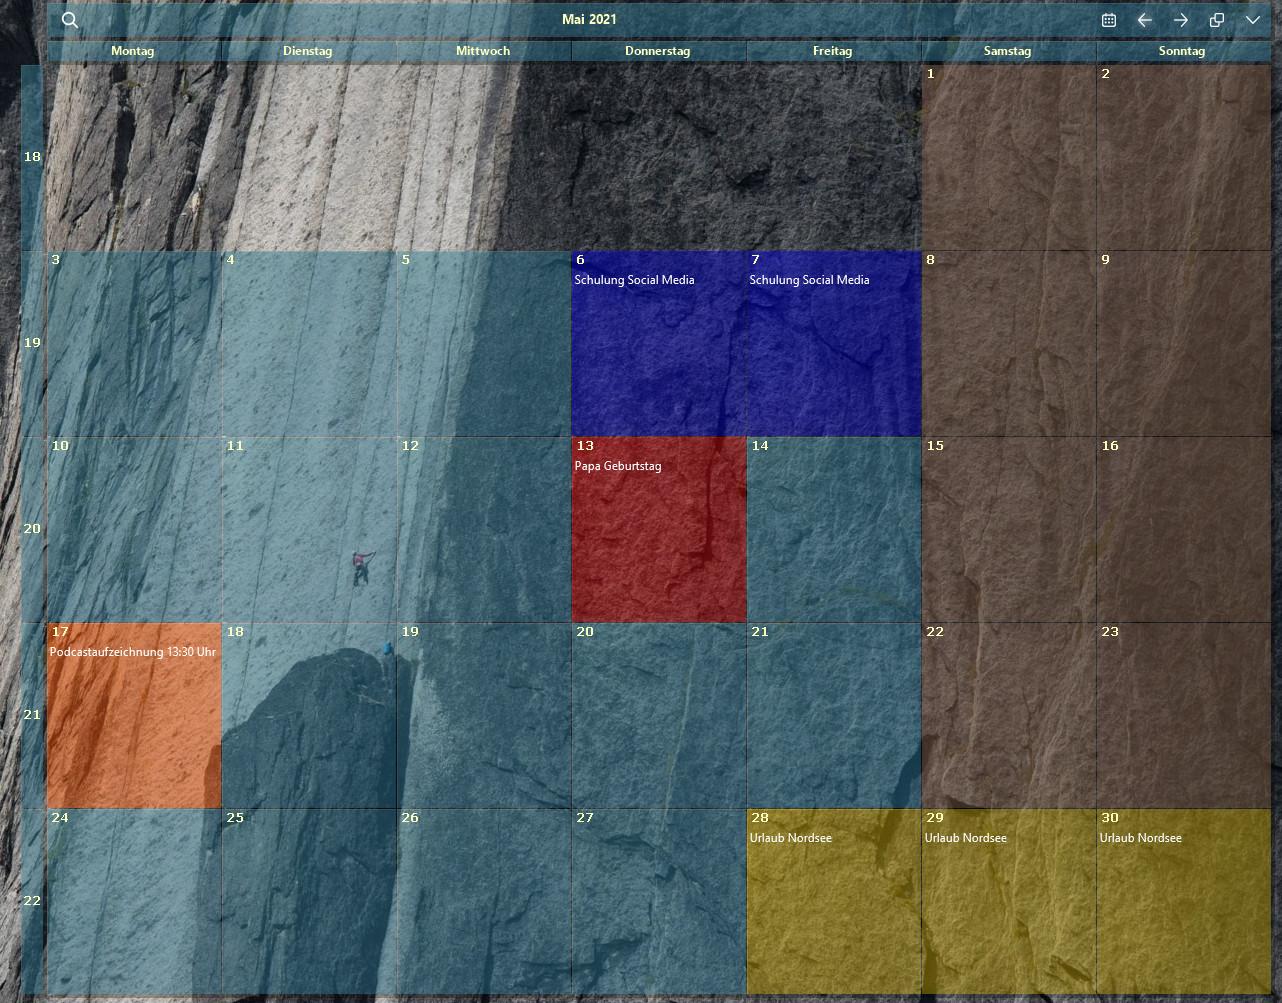 Screenshot 1 - Desktop-Kalender (Desktop Calendar)